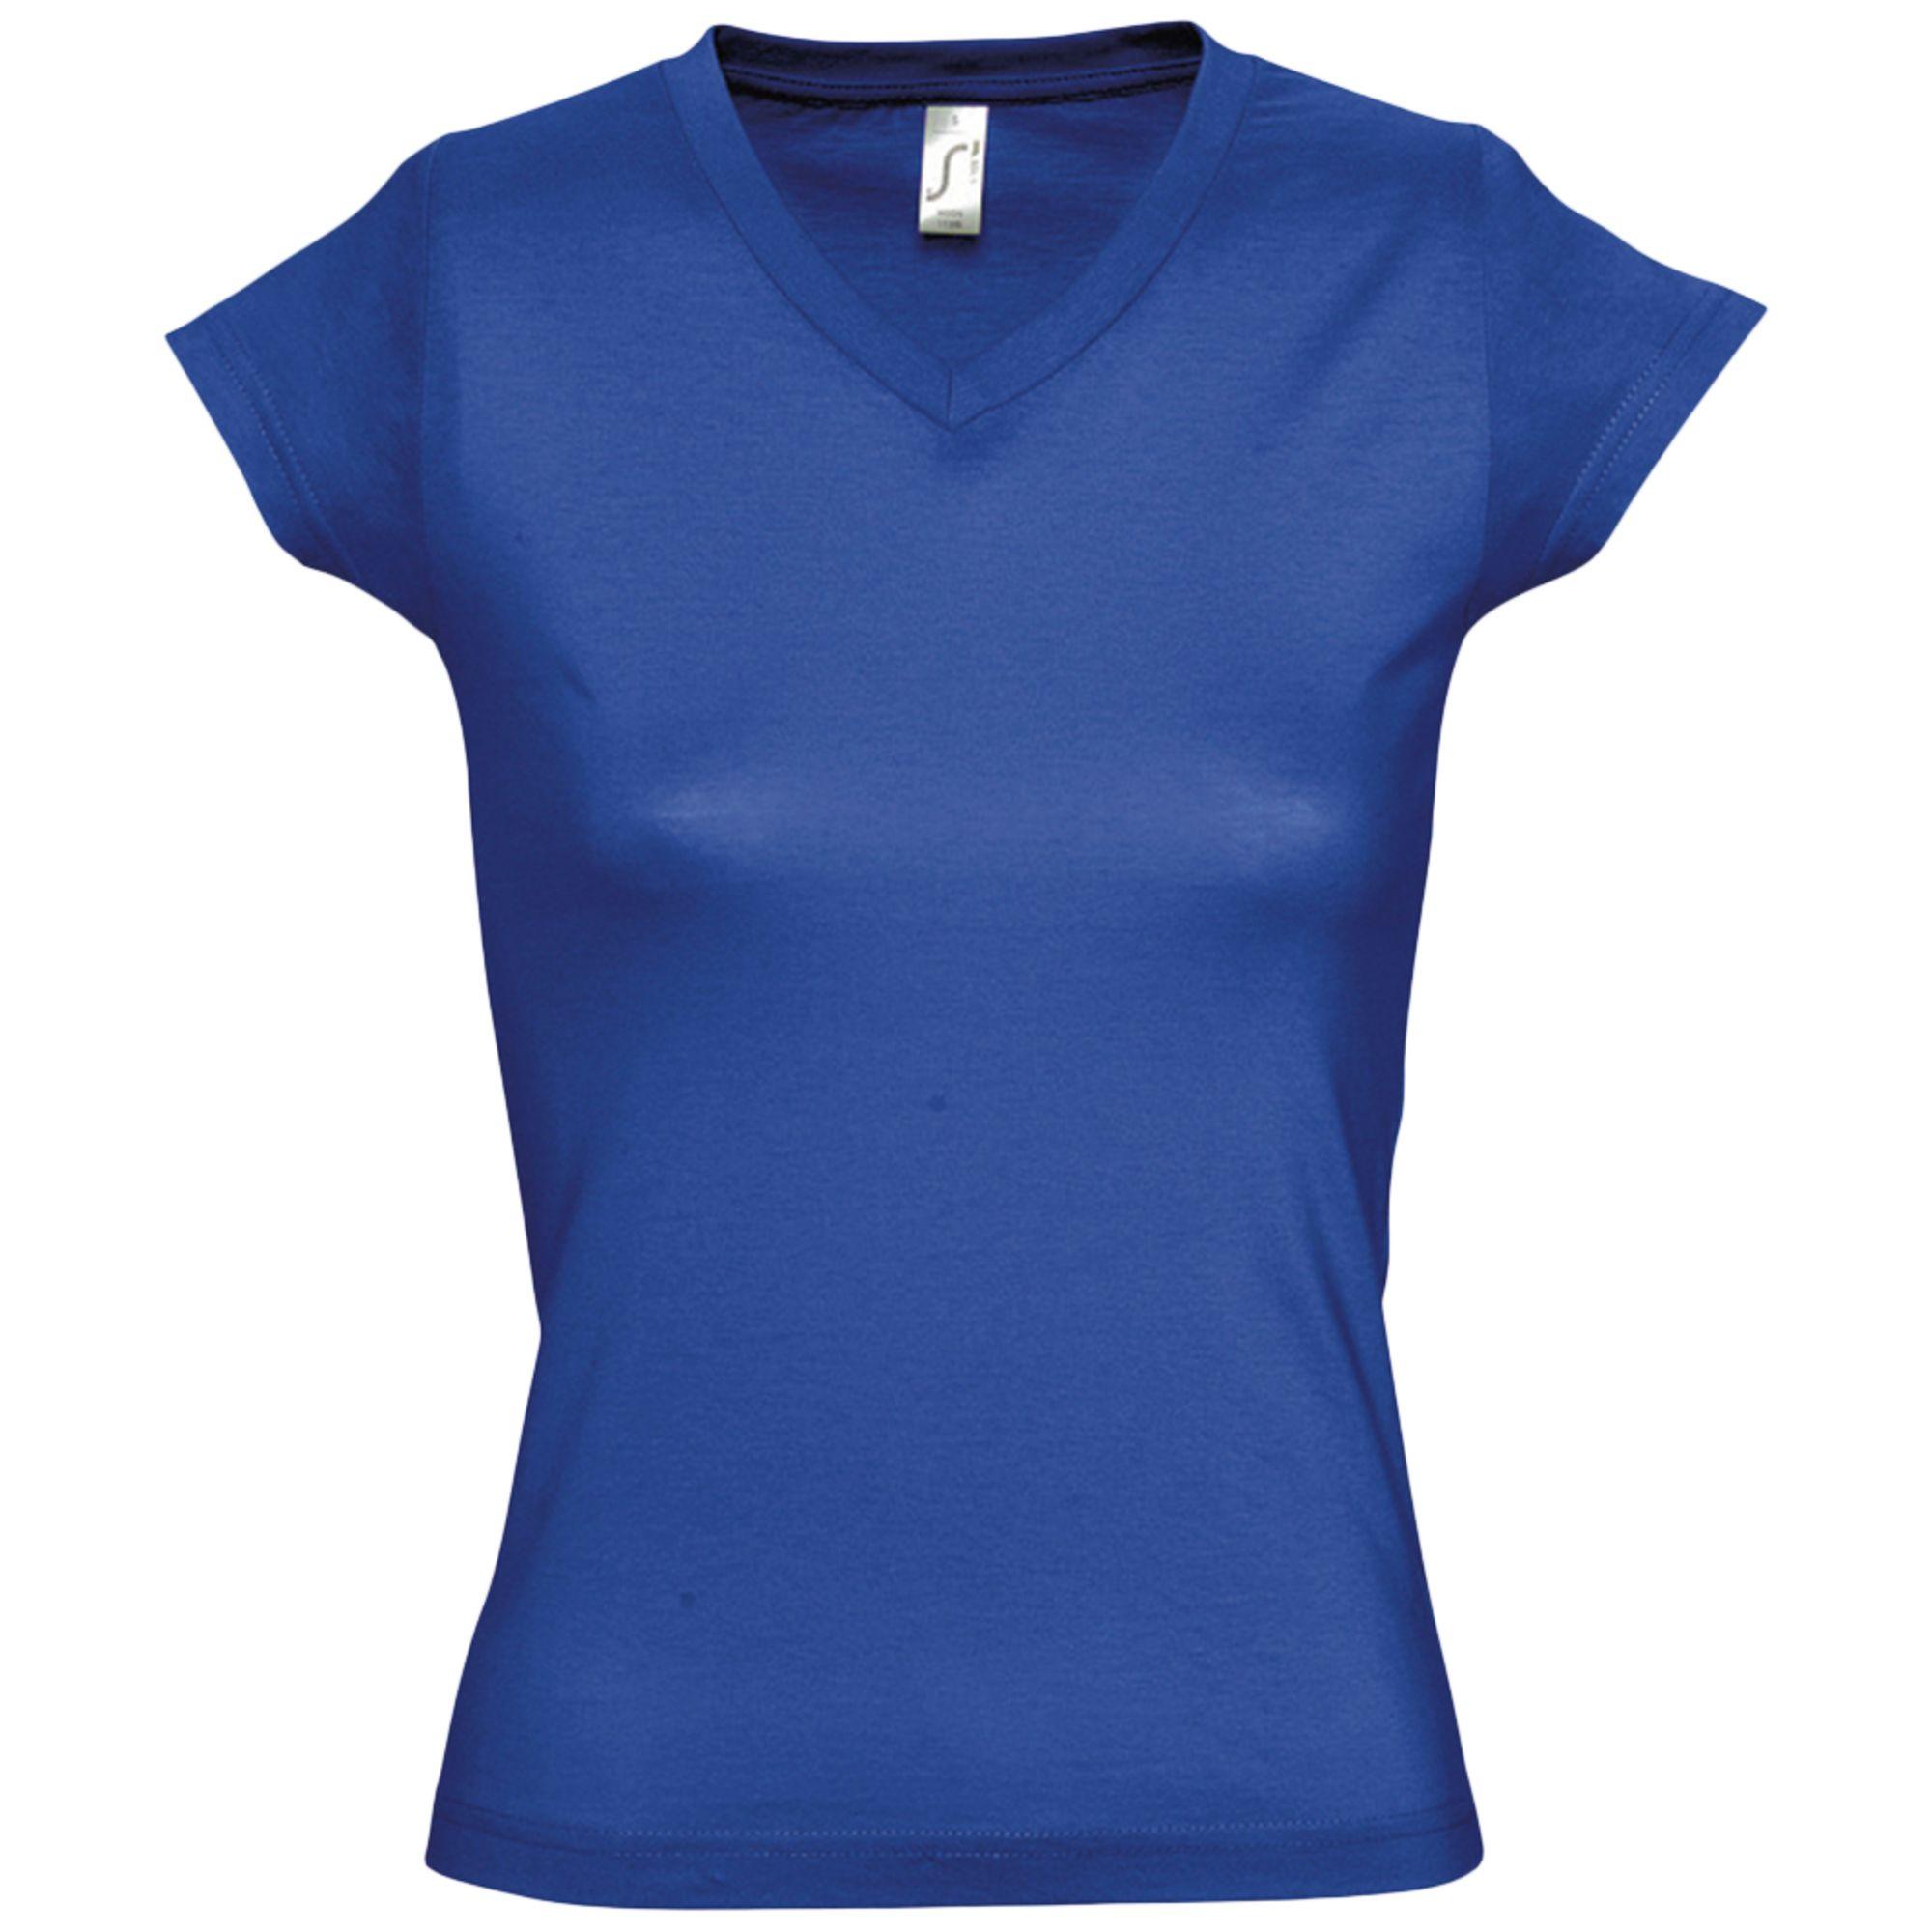 Футболка женская c V-образным вырезом MOON 150, ярко-синяя (royal)